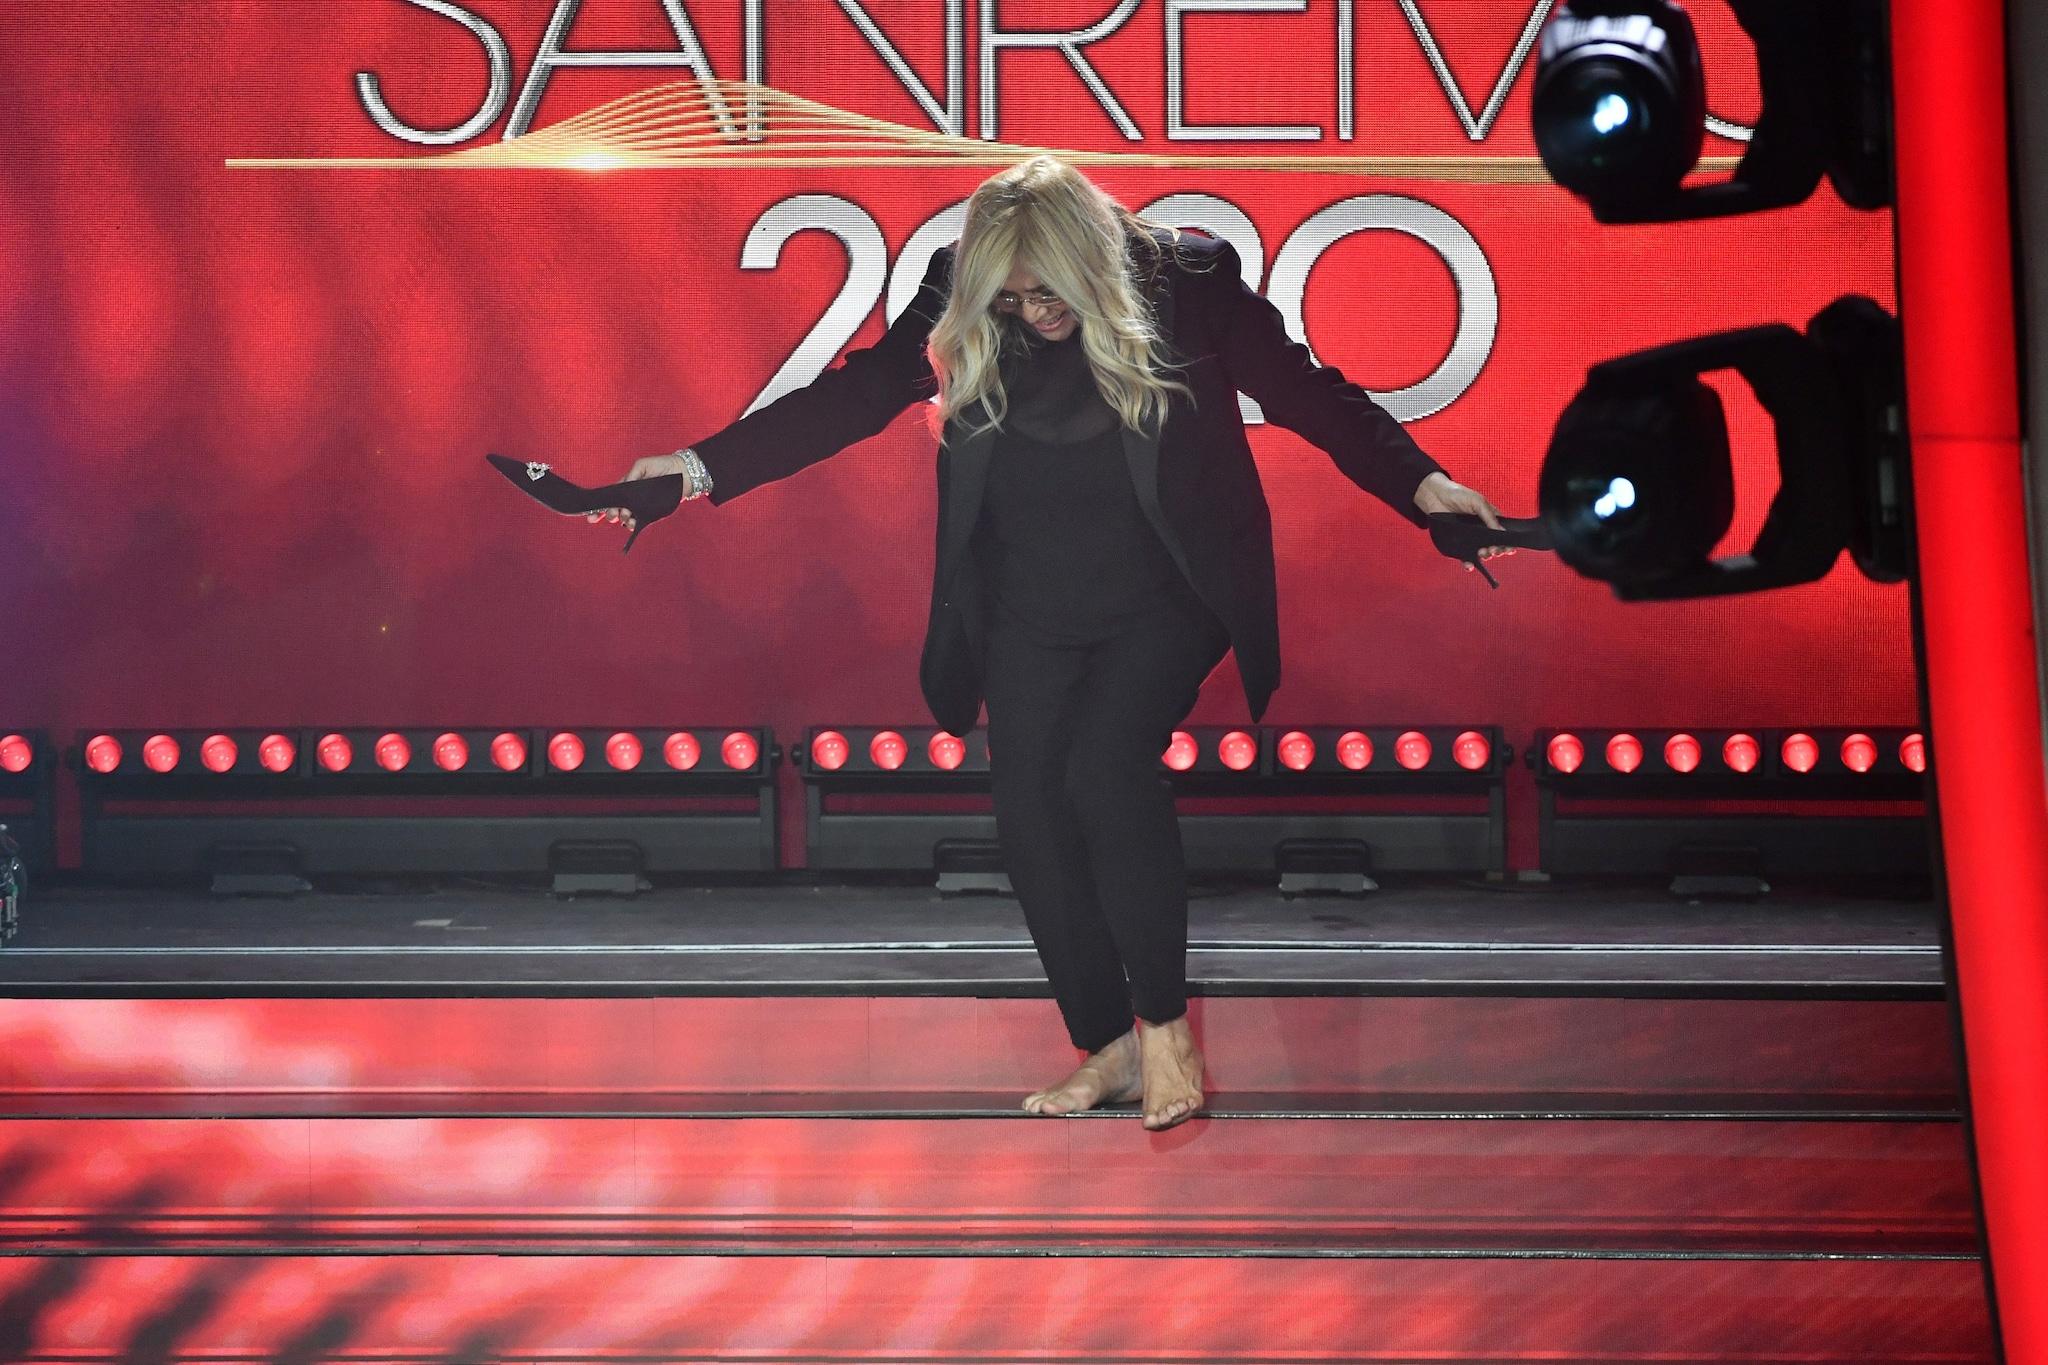 Mara Venier nella finale di Sanremo 2020 toglie le scarpe